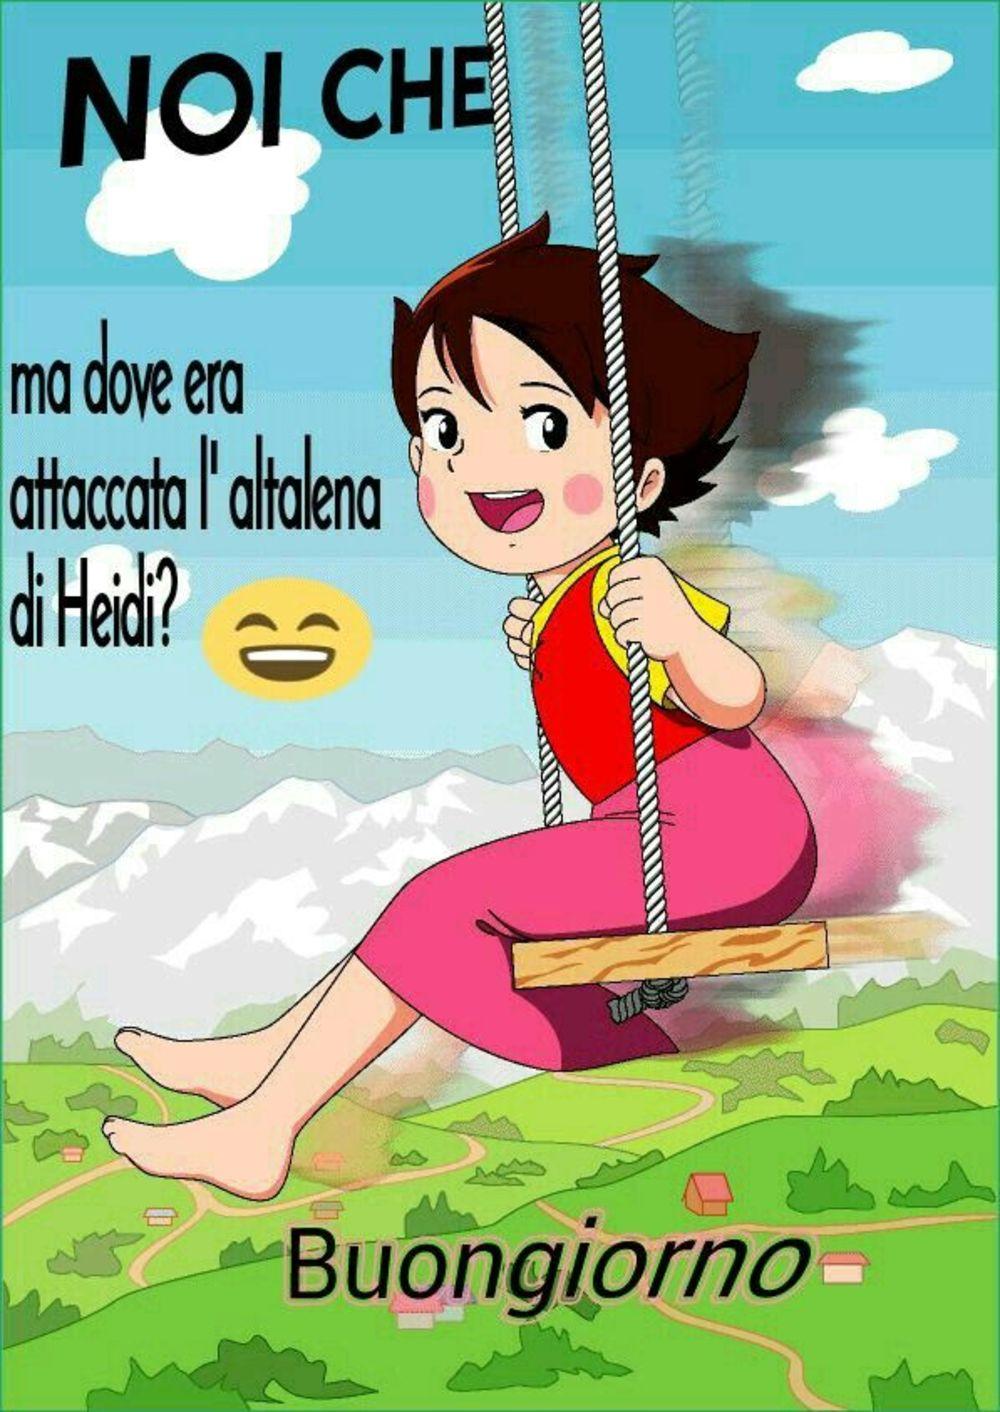 Foto buongiorno bellissime 410 for Immagini buongiorno bellissime